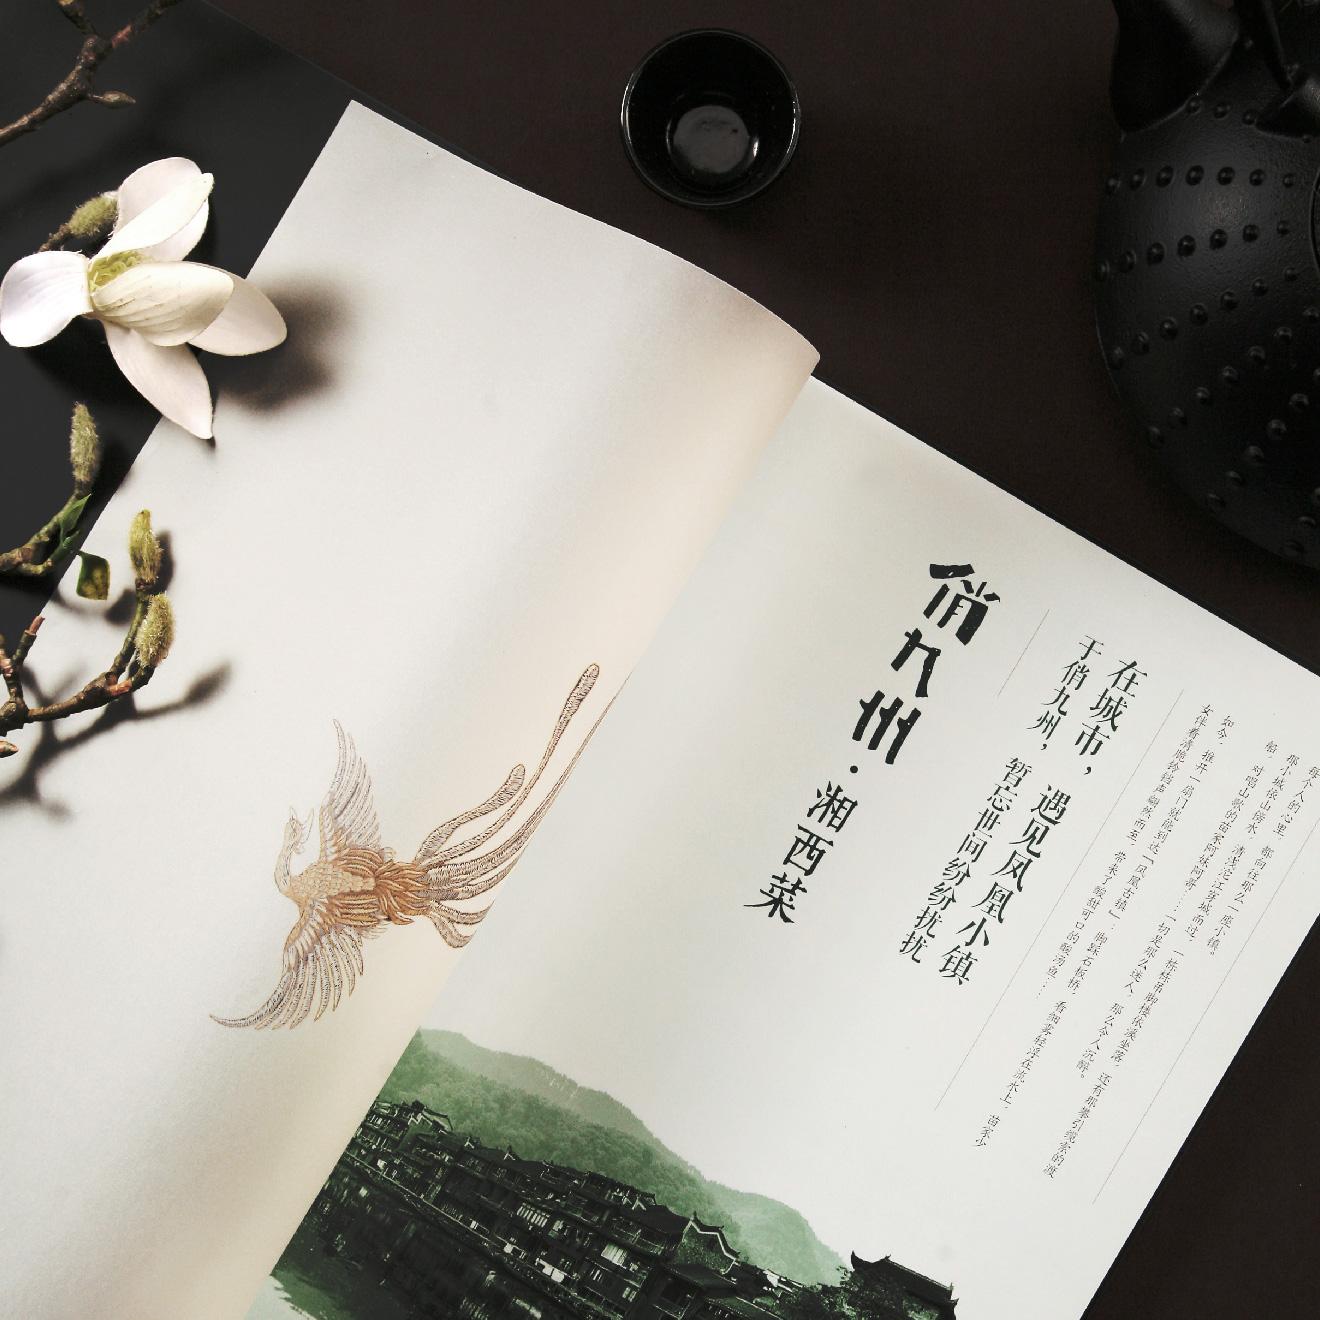 俏九州 · 湘西菜